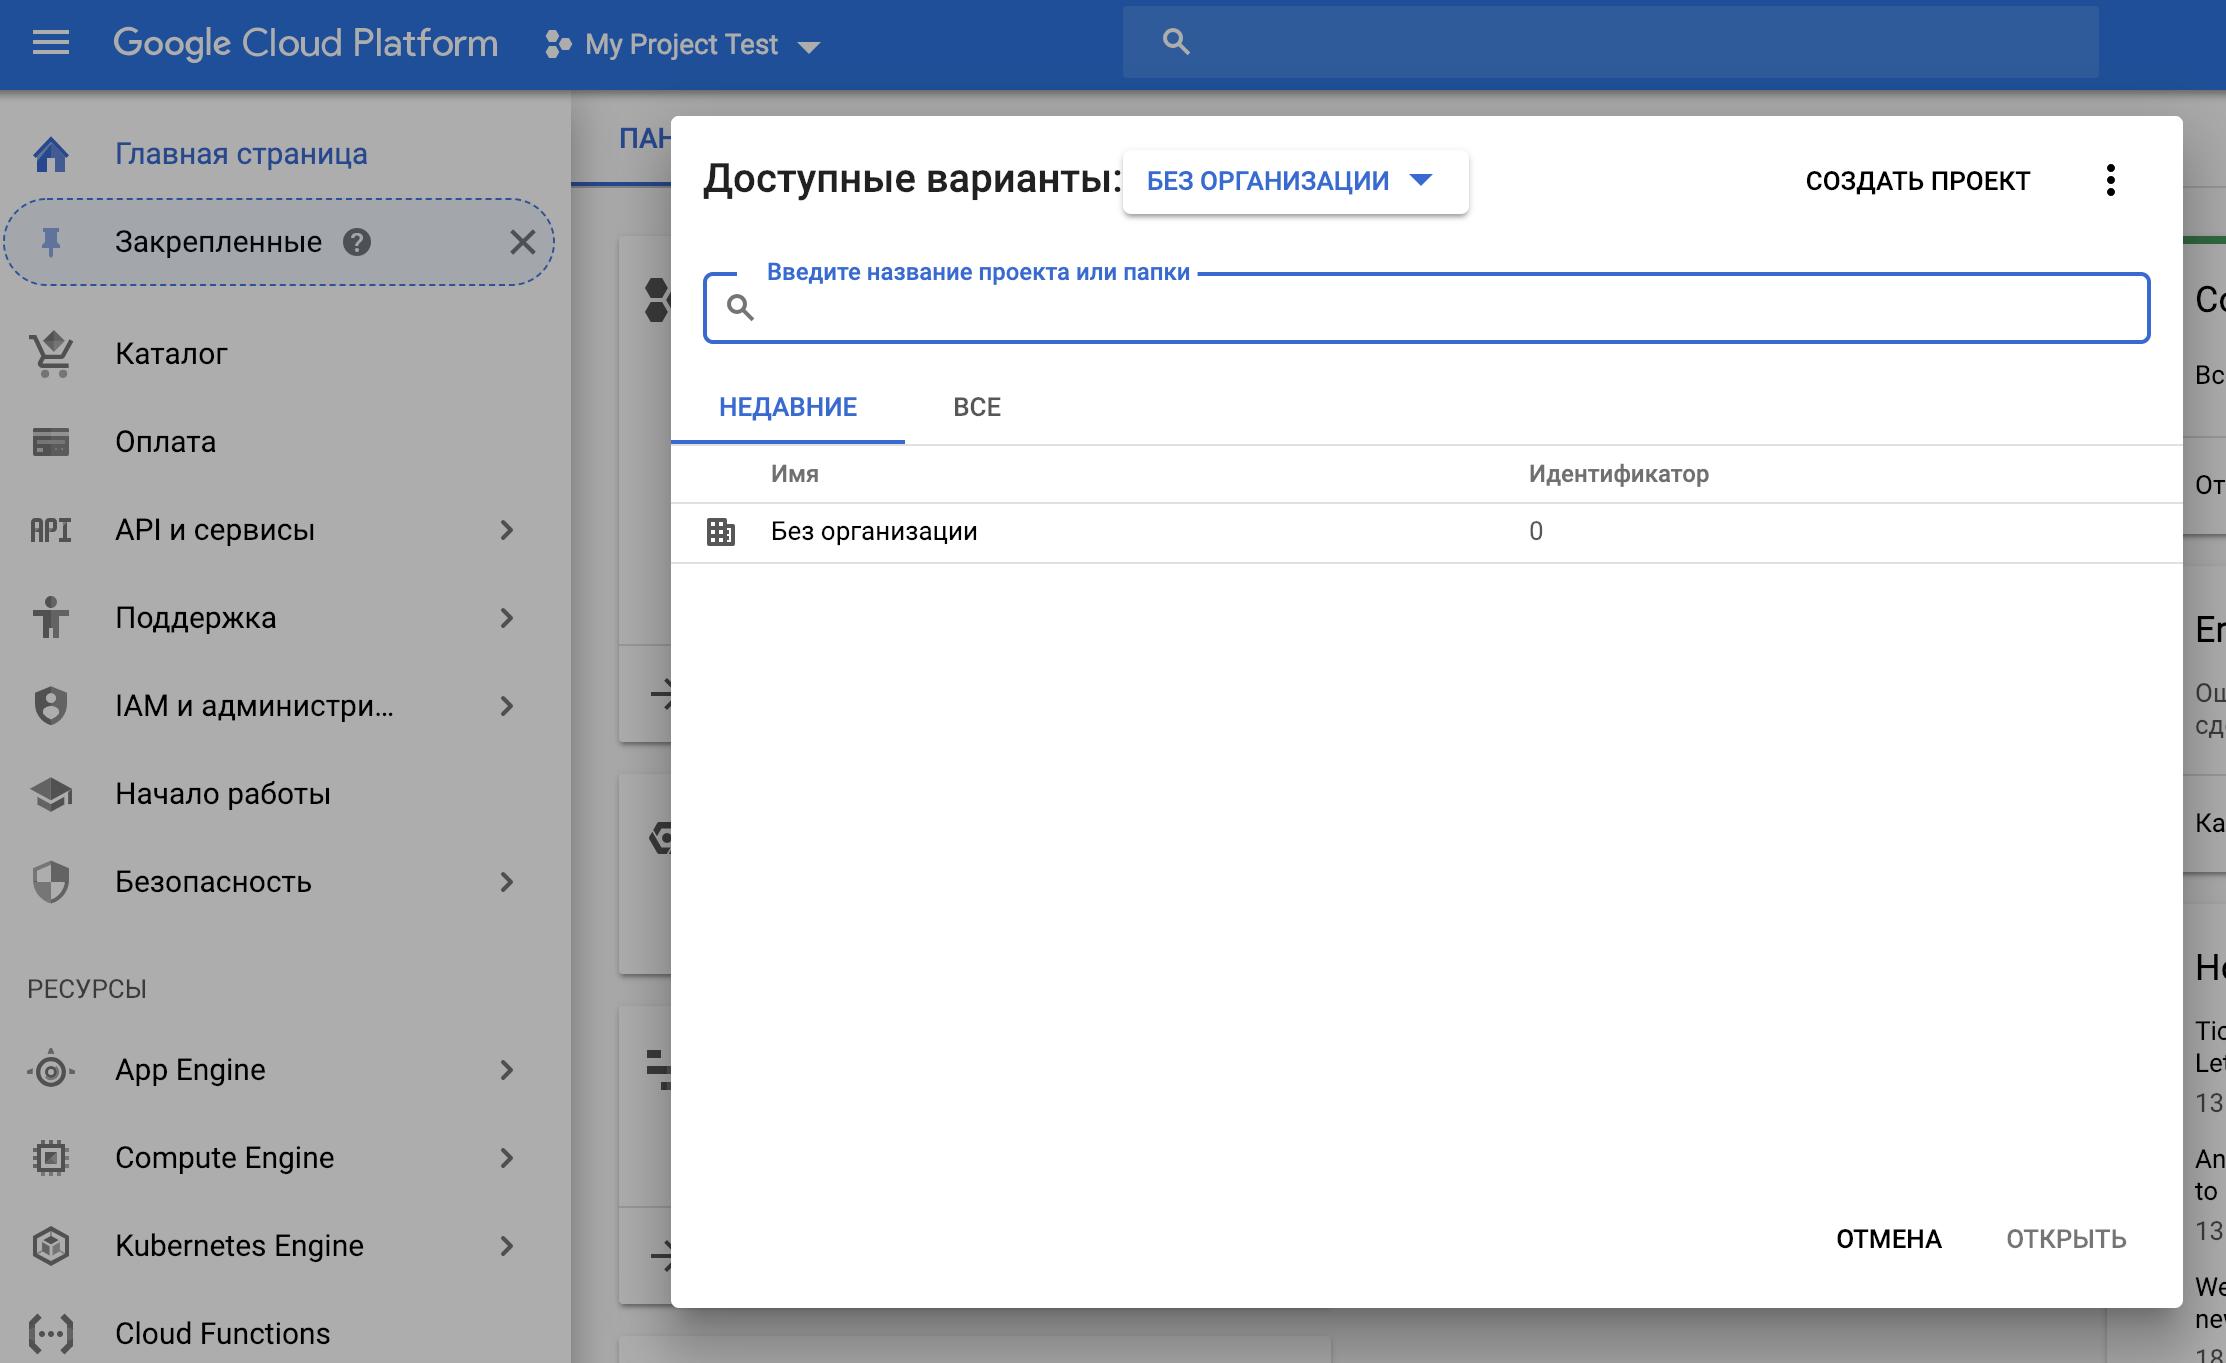 Универсальное расширение 1С для Google Таблиц и Документов — берите и пользуйтесь - 2